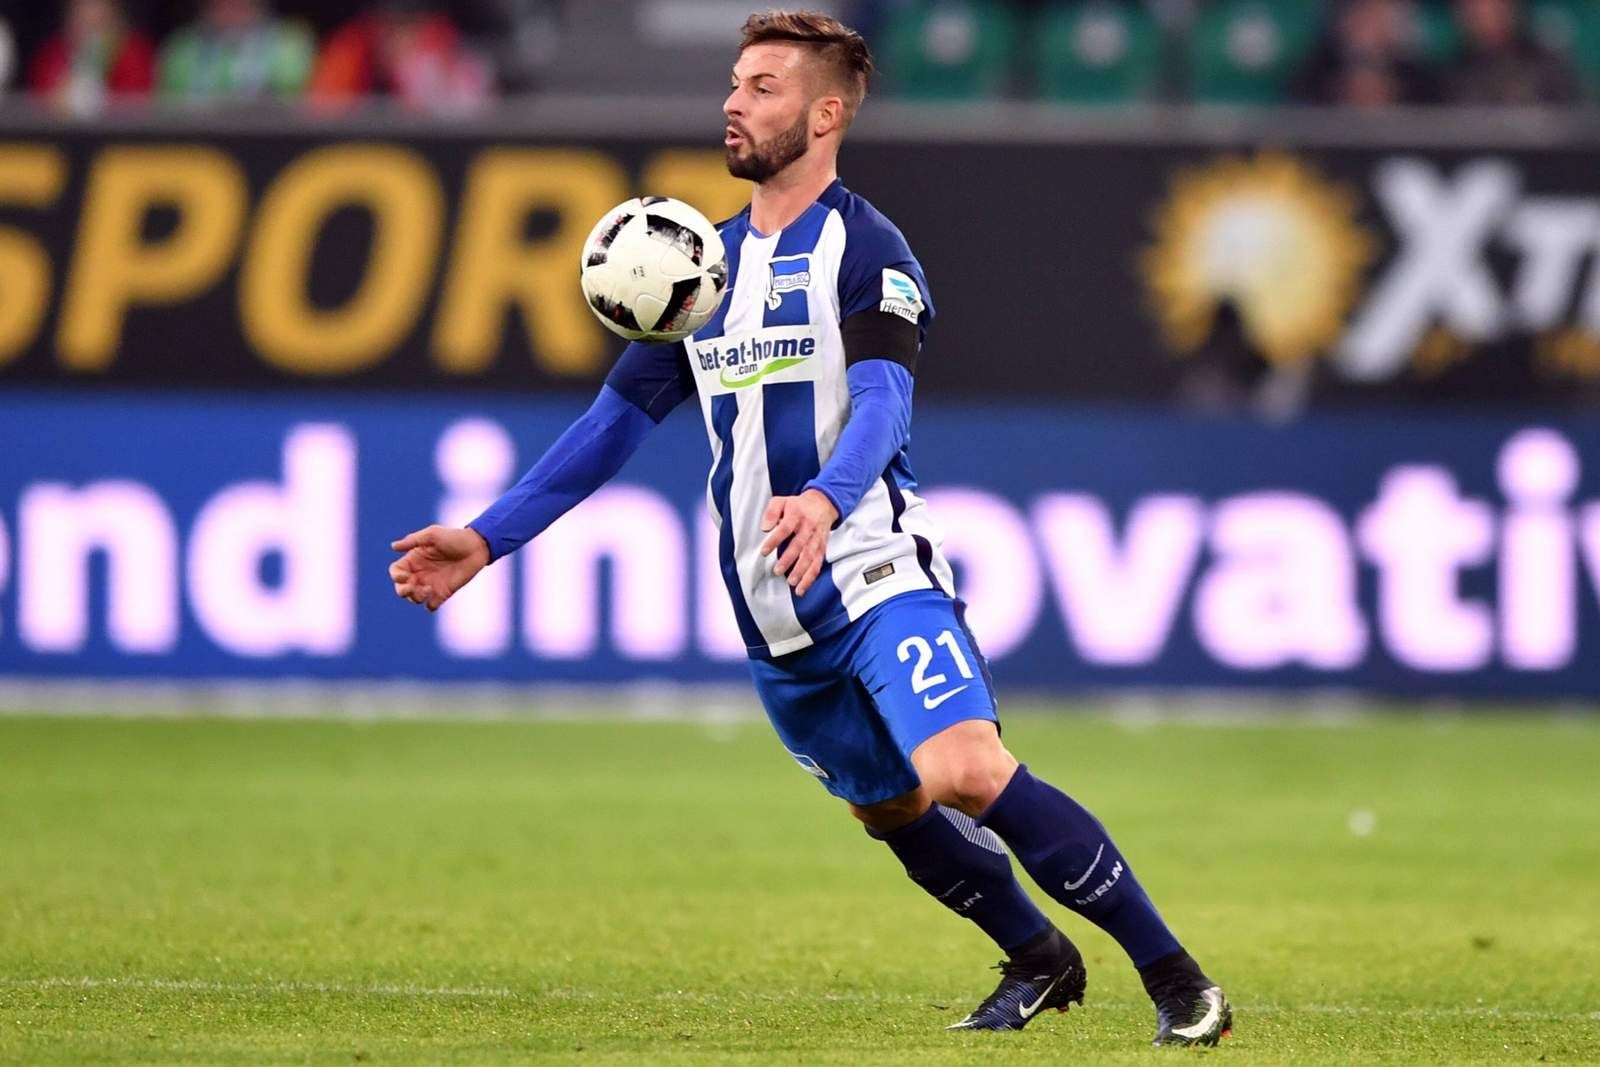 Marvin Plattenhardt am Ball. Jetzt auf Hertha gegen Wolfsburg wetten!